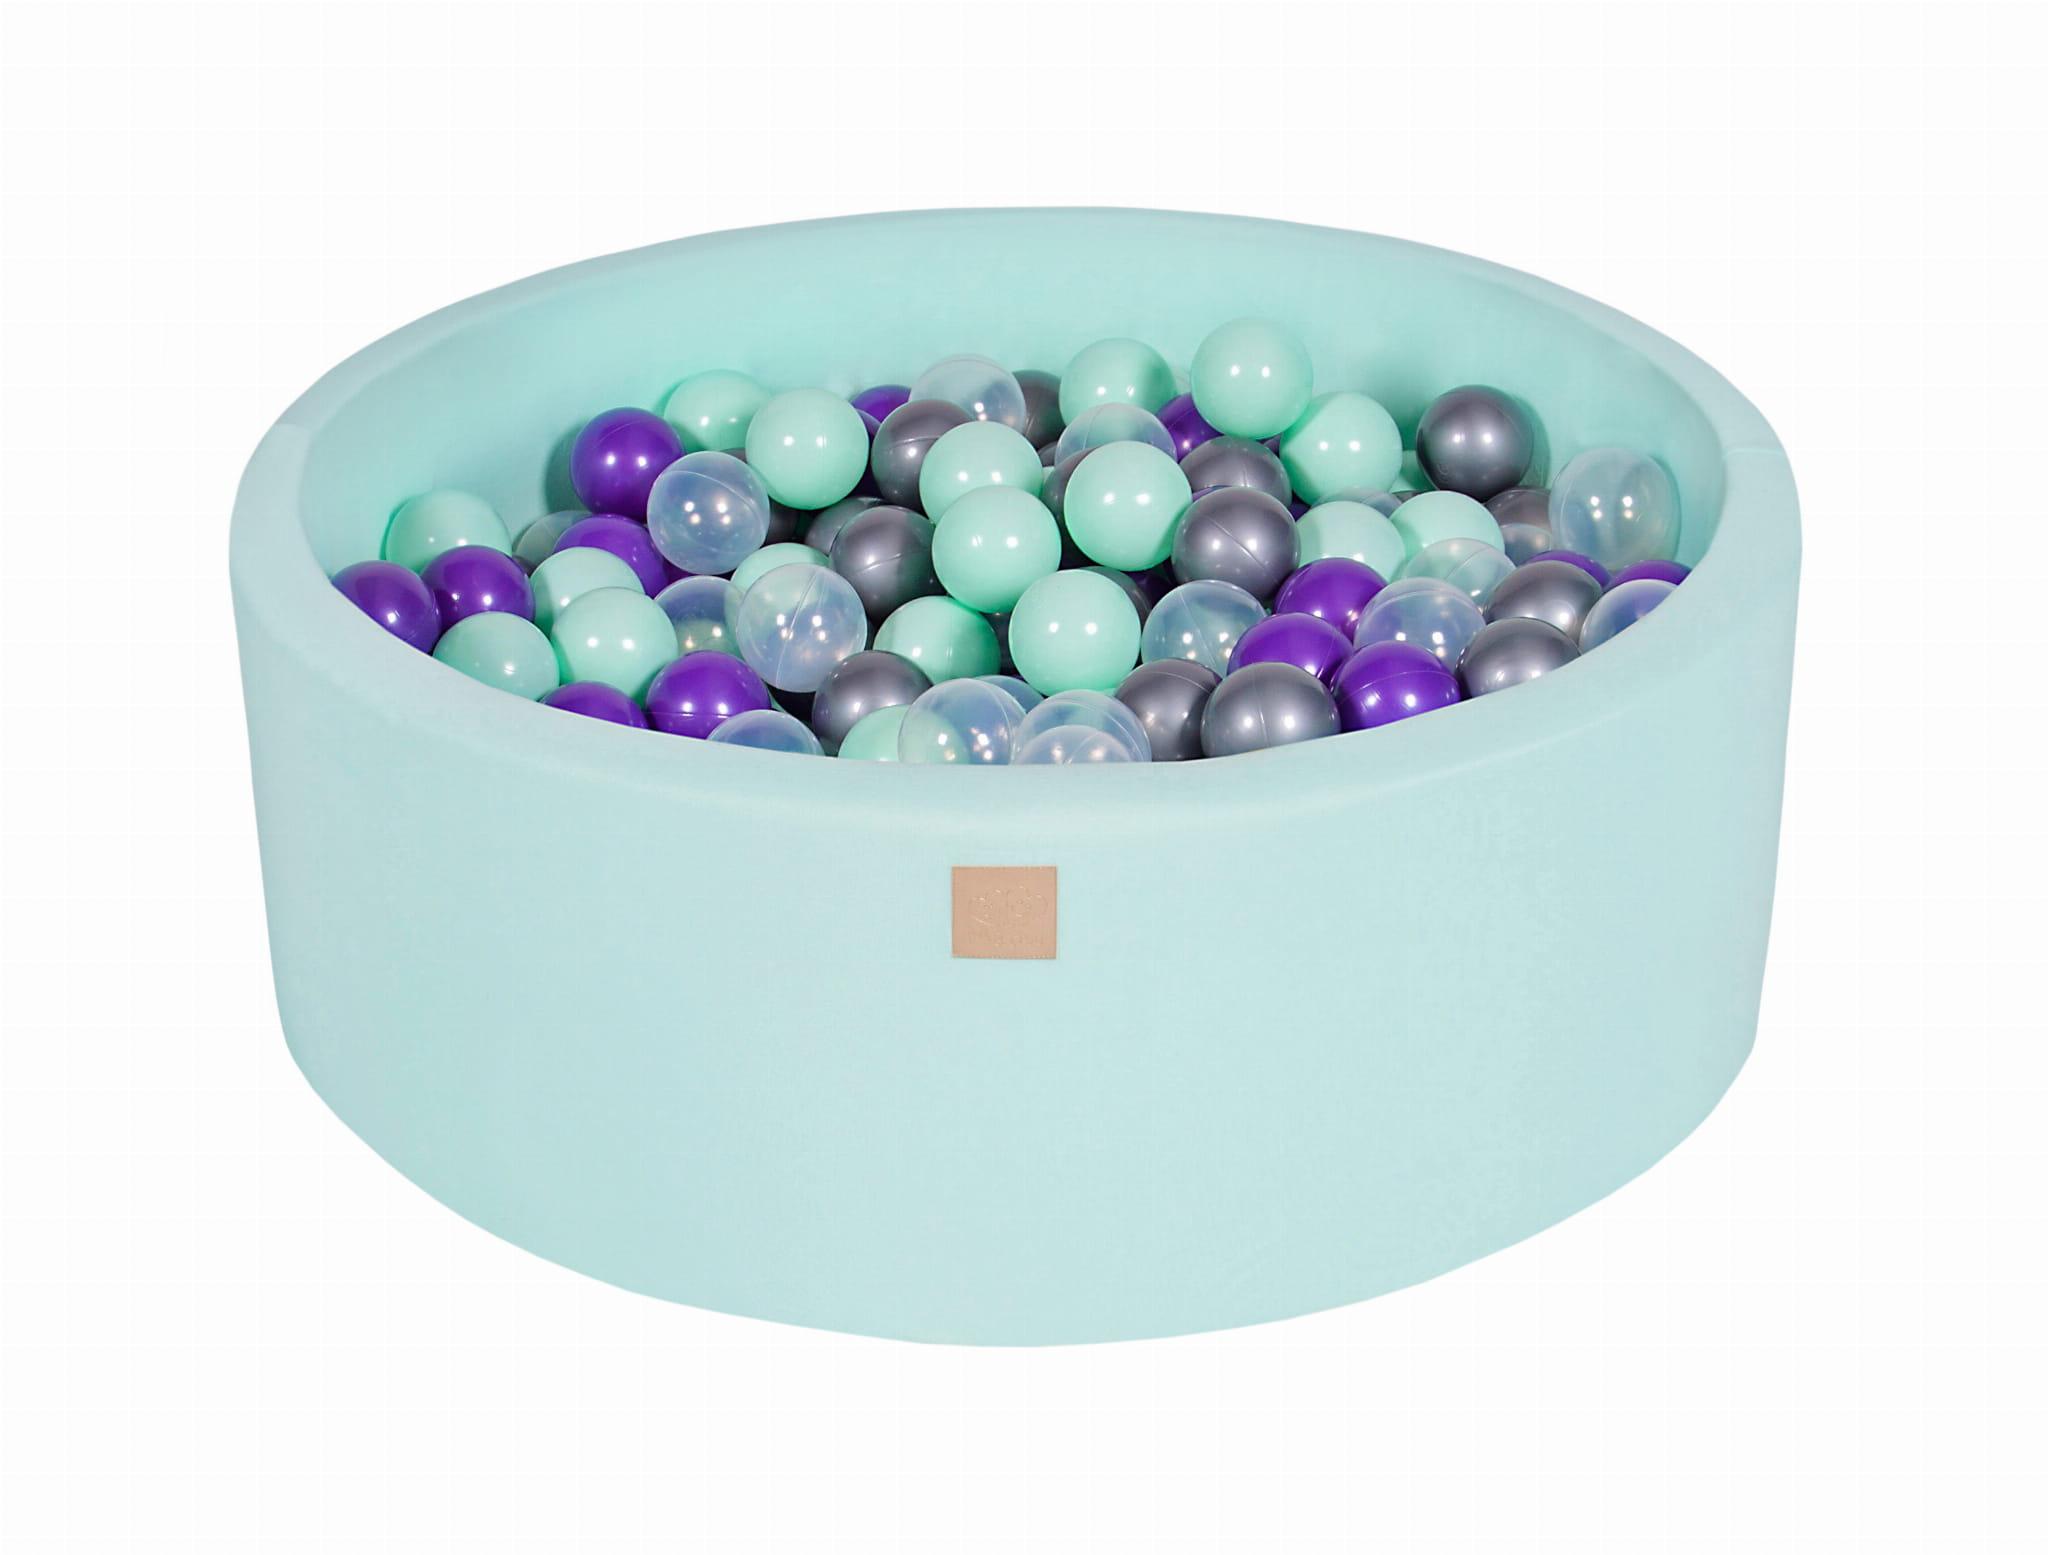 Meowbaby® Piscine À Balles Pour Bébé 200 Balles, Menthe intérieur Piscine À Balles Bébé